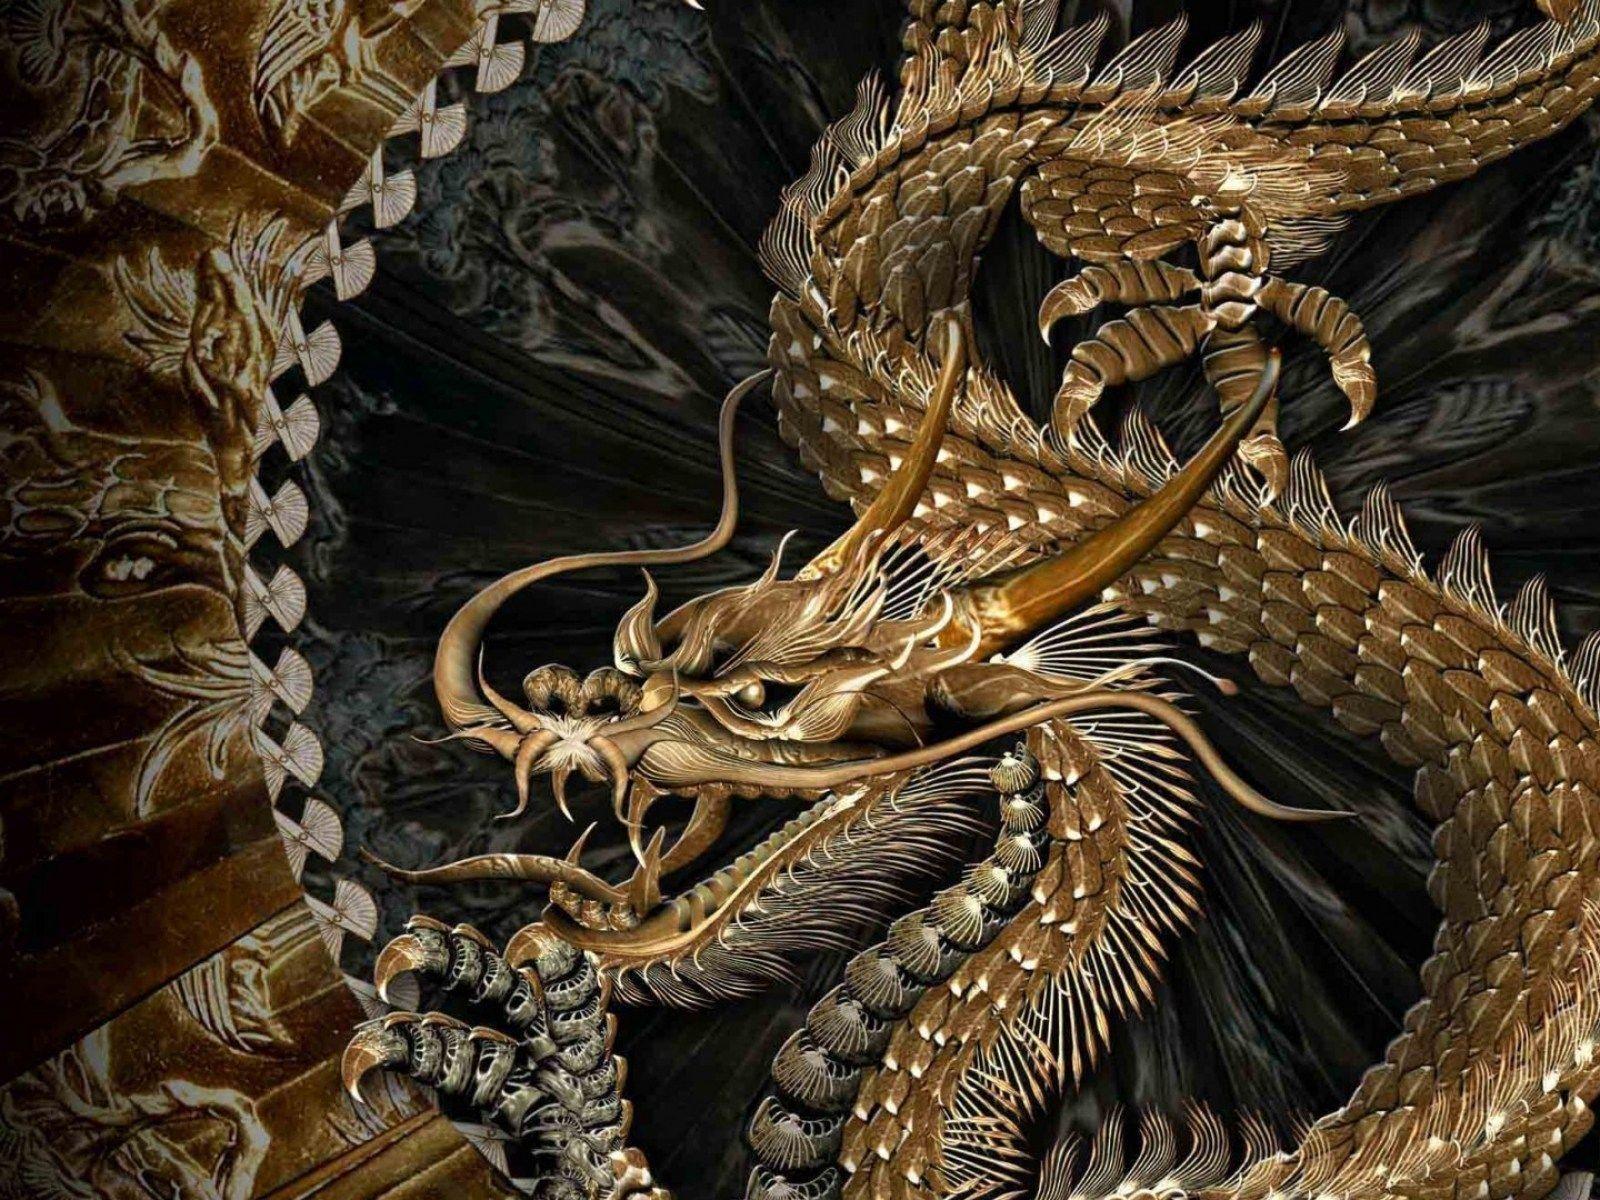 China Dragon: Chinese Dragons Wallpapers